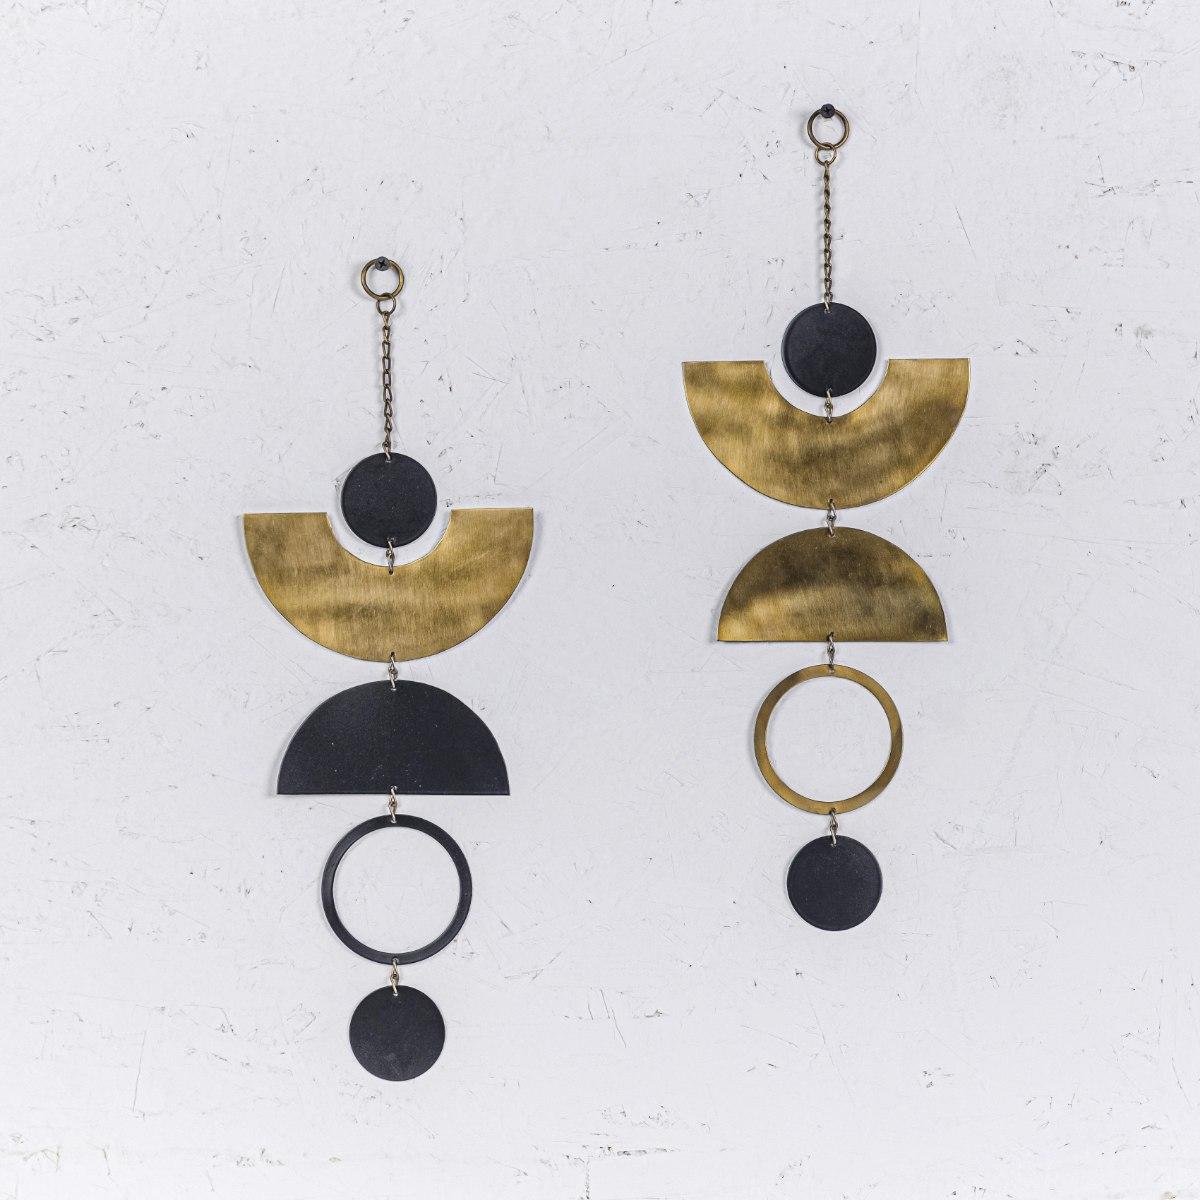 זוג קישוט מתכת לקיר - קשתות ועיגולים (זהב ושחור)